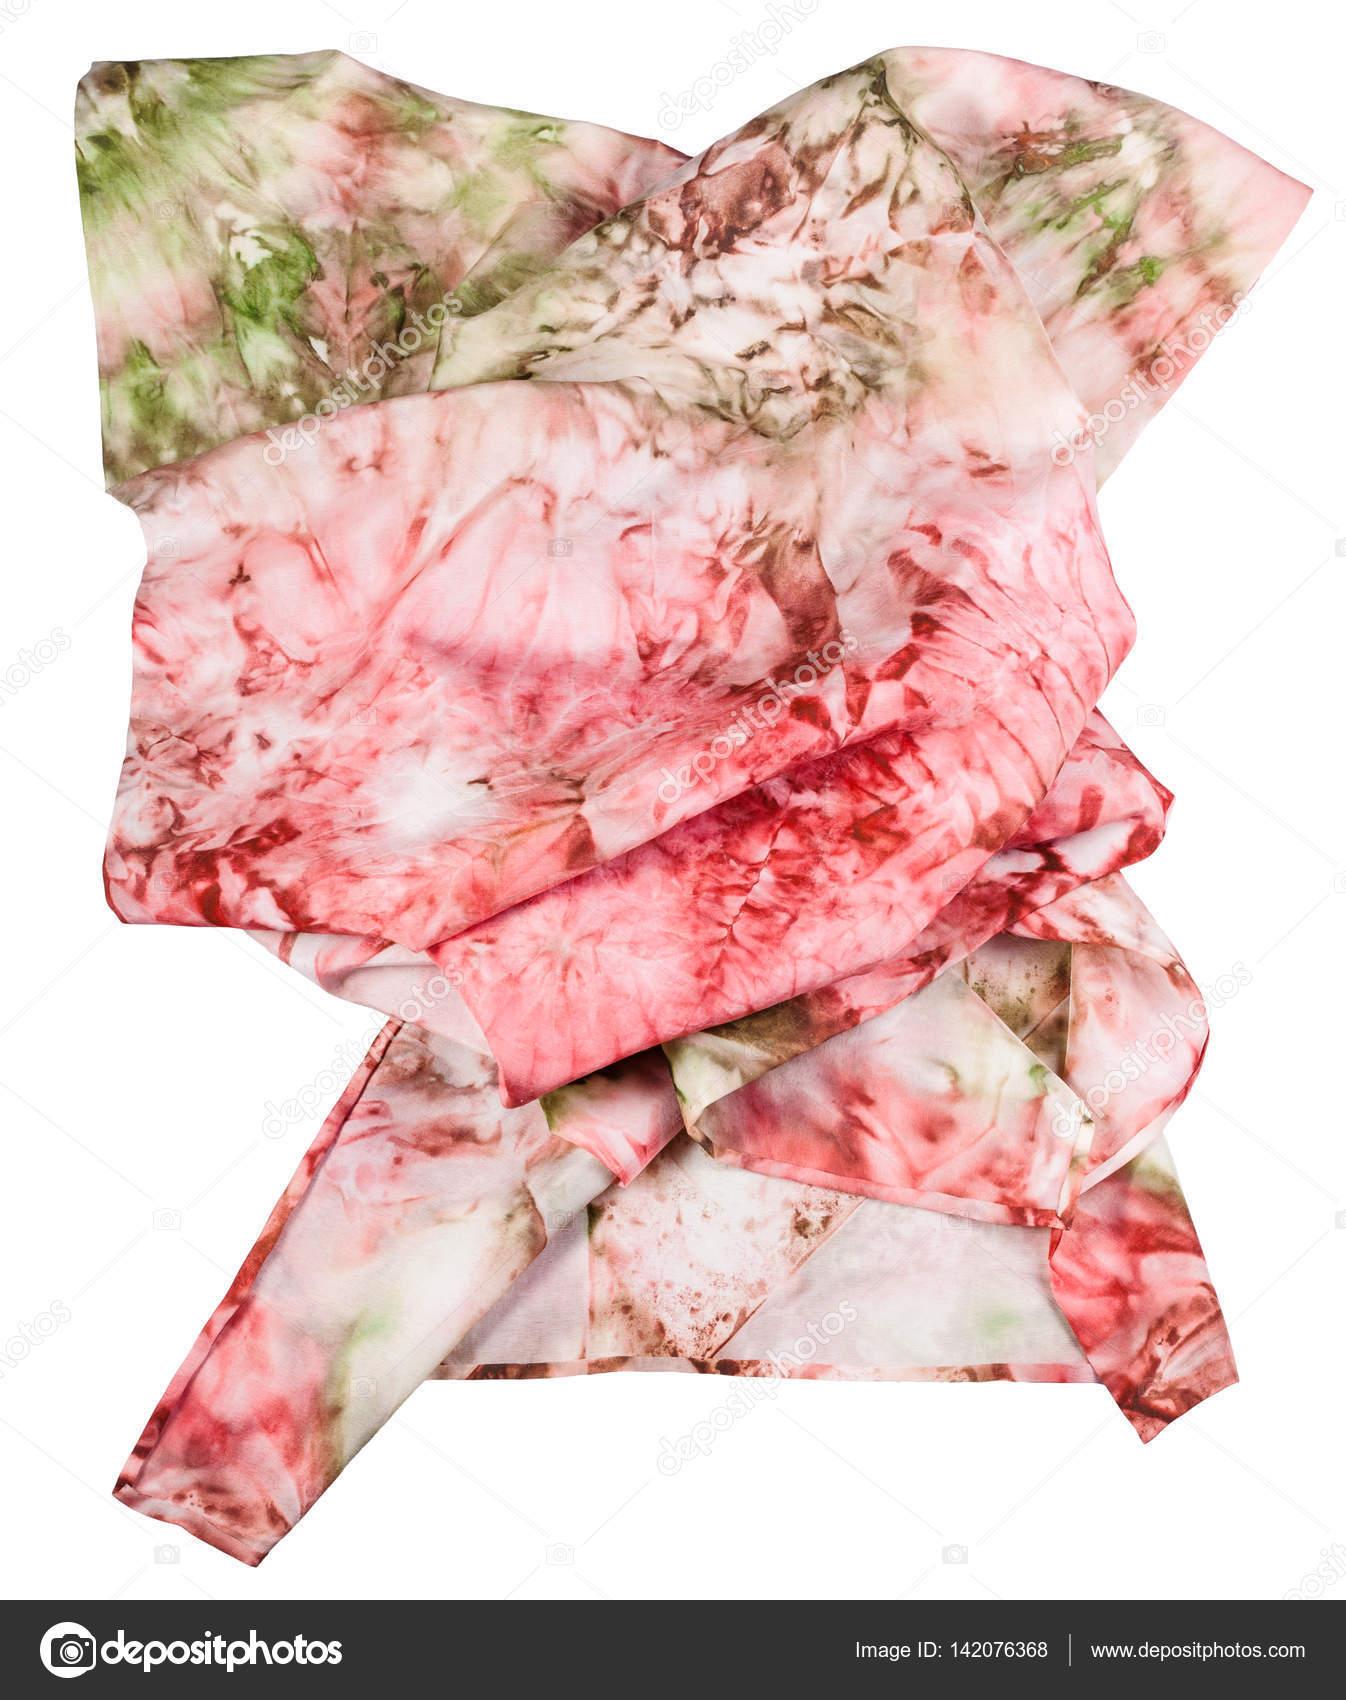 32a75826307b Ζαρωμένα μεταξωτό μαντήλι με αφηρημένα ροζ και πράσινο στολίδι χέρι βαμμένο  σε σφαιροειδή τεχνική που απομονώνονται σε λευκό φόντο — Εικόνα από vvoennyy